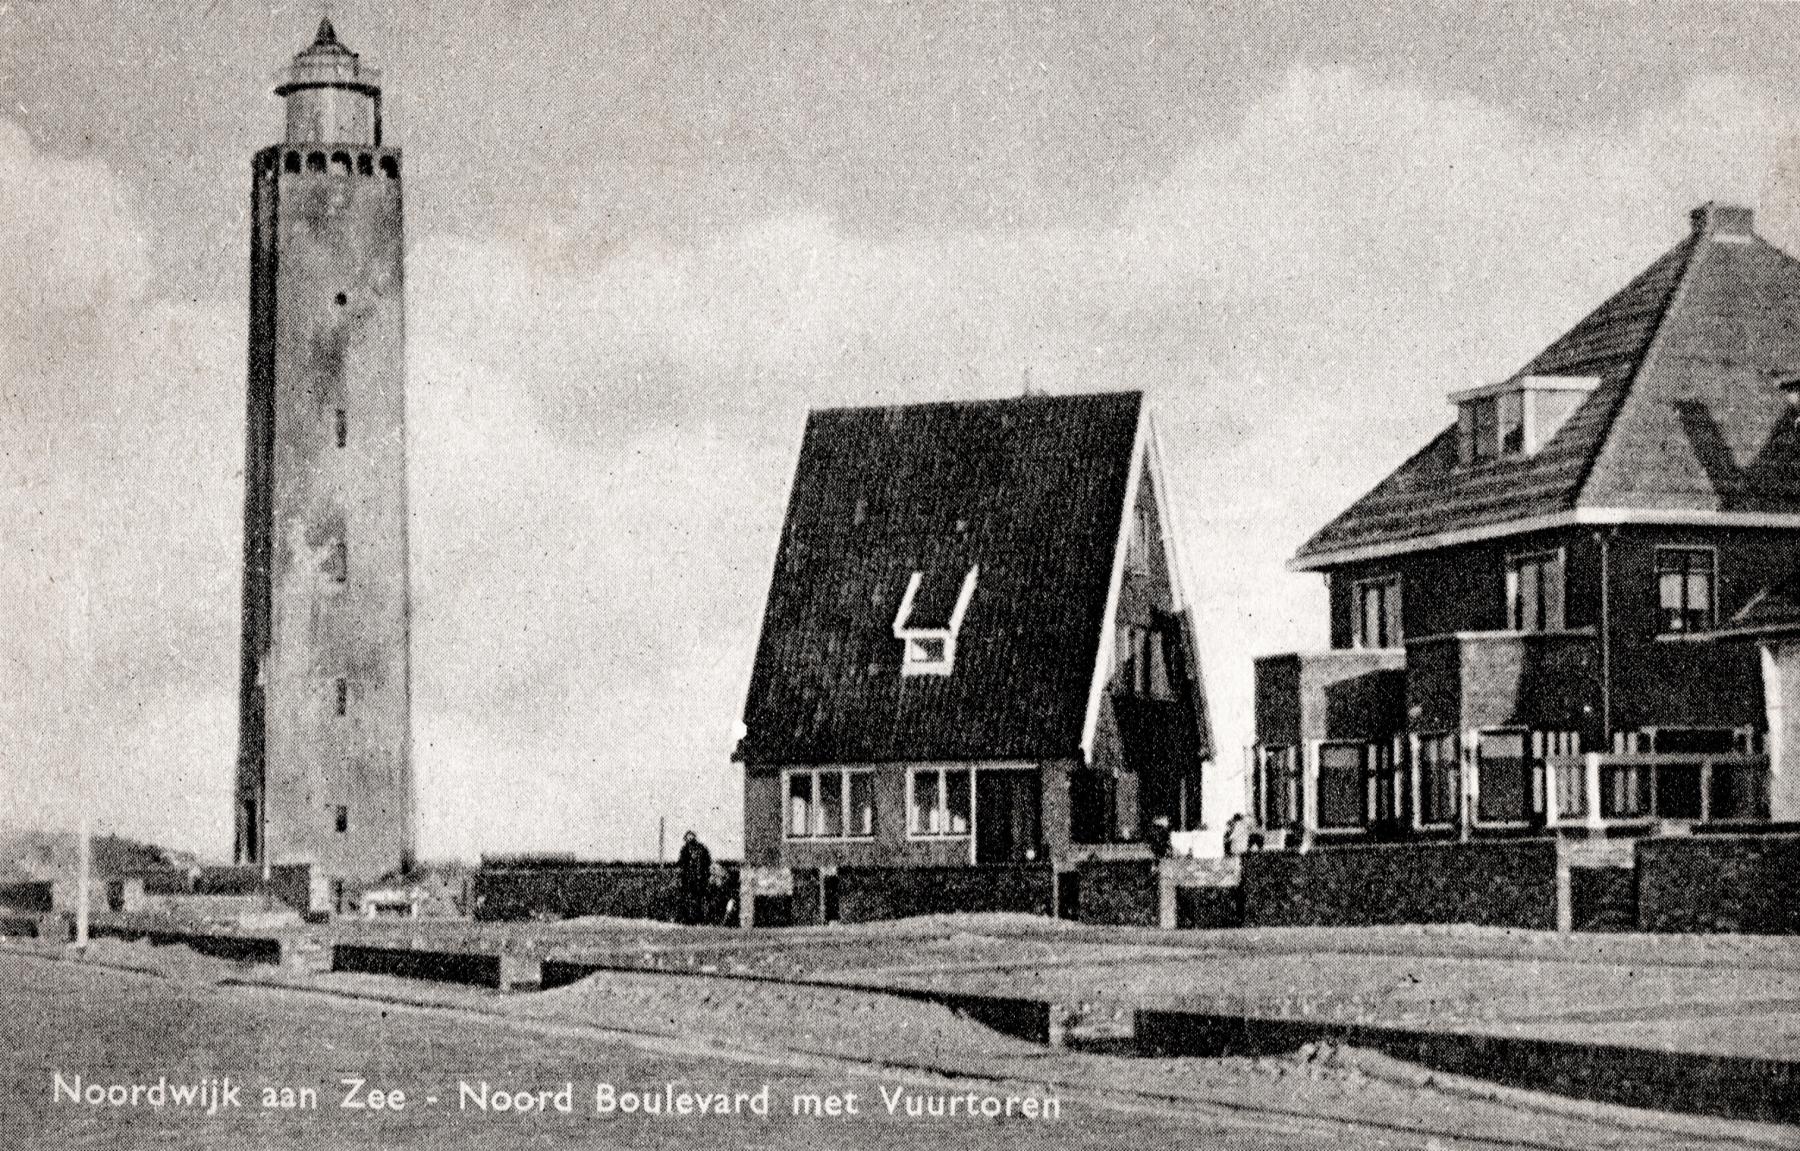 Noordwijk aan Zee in 1948